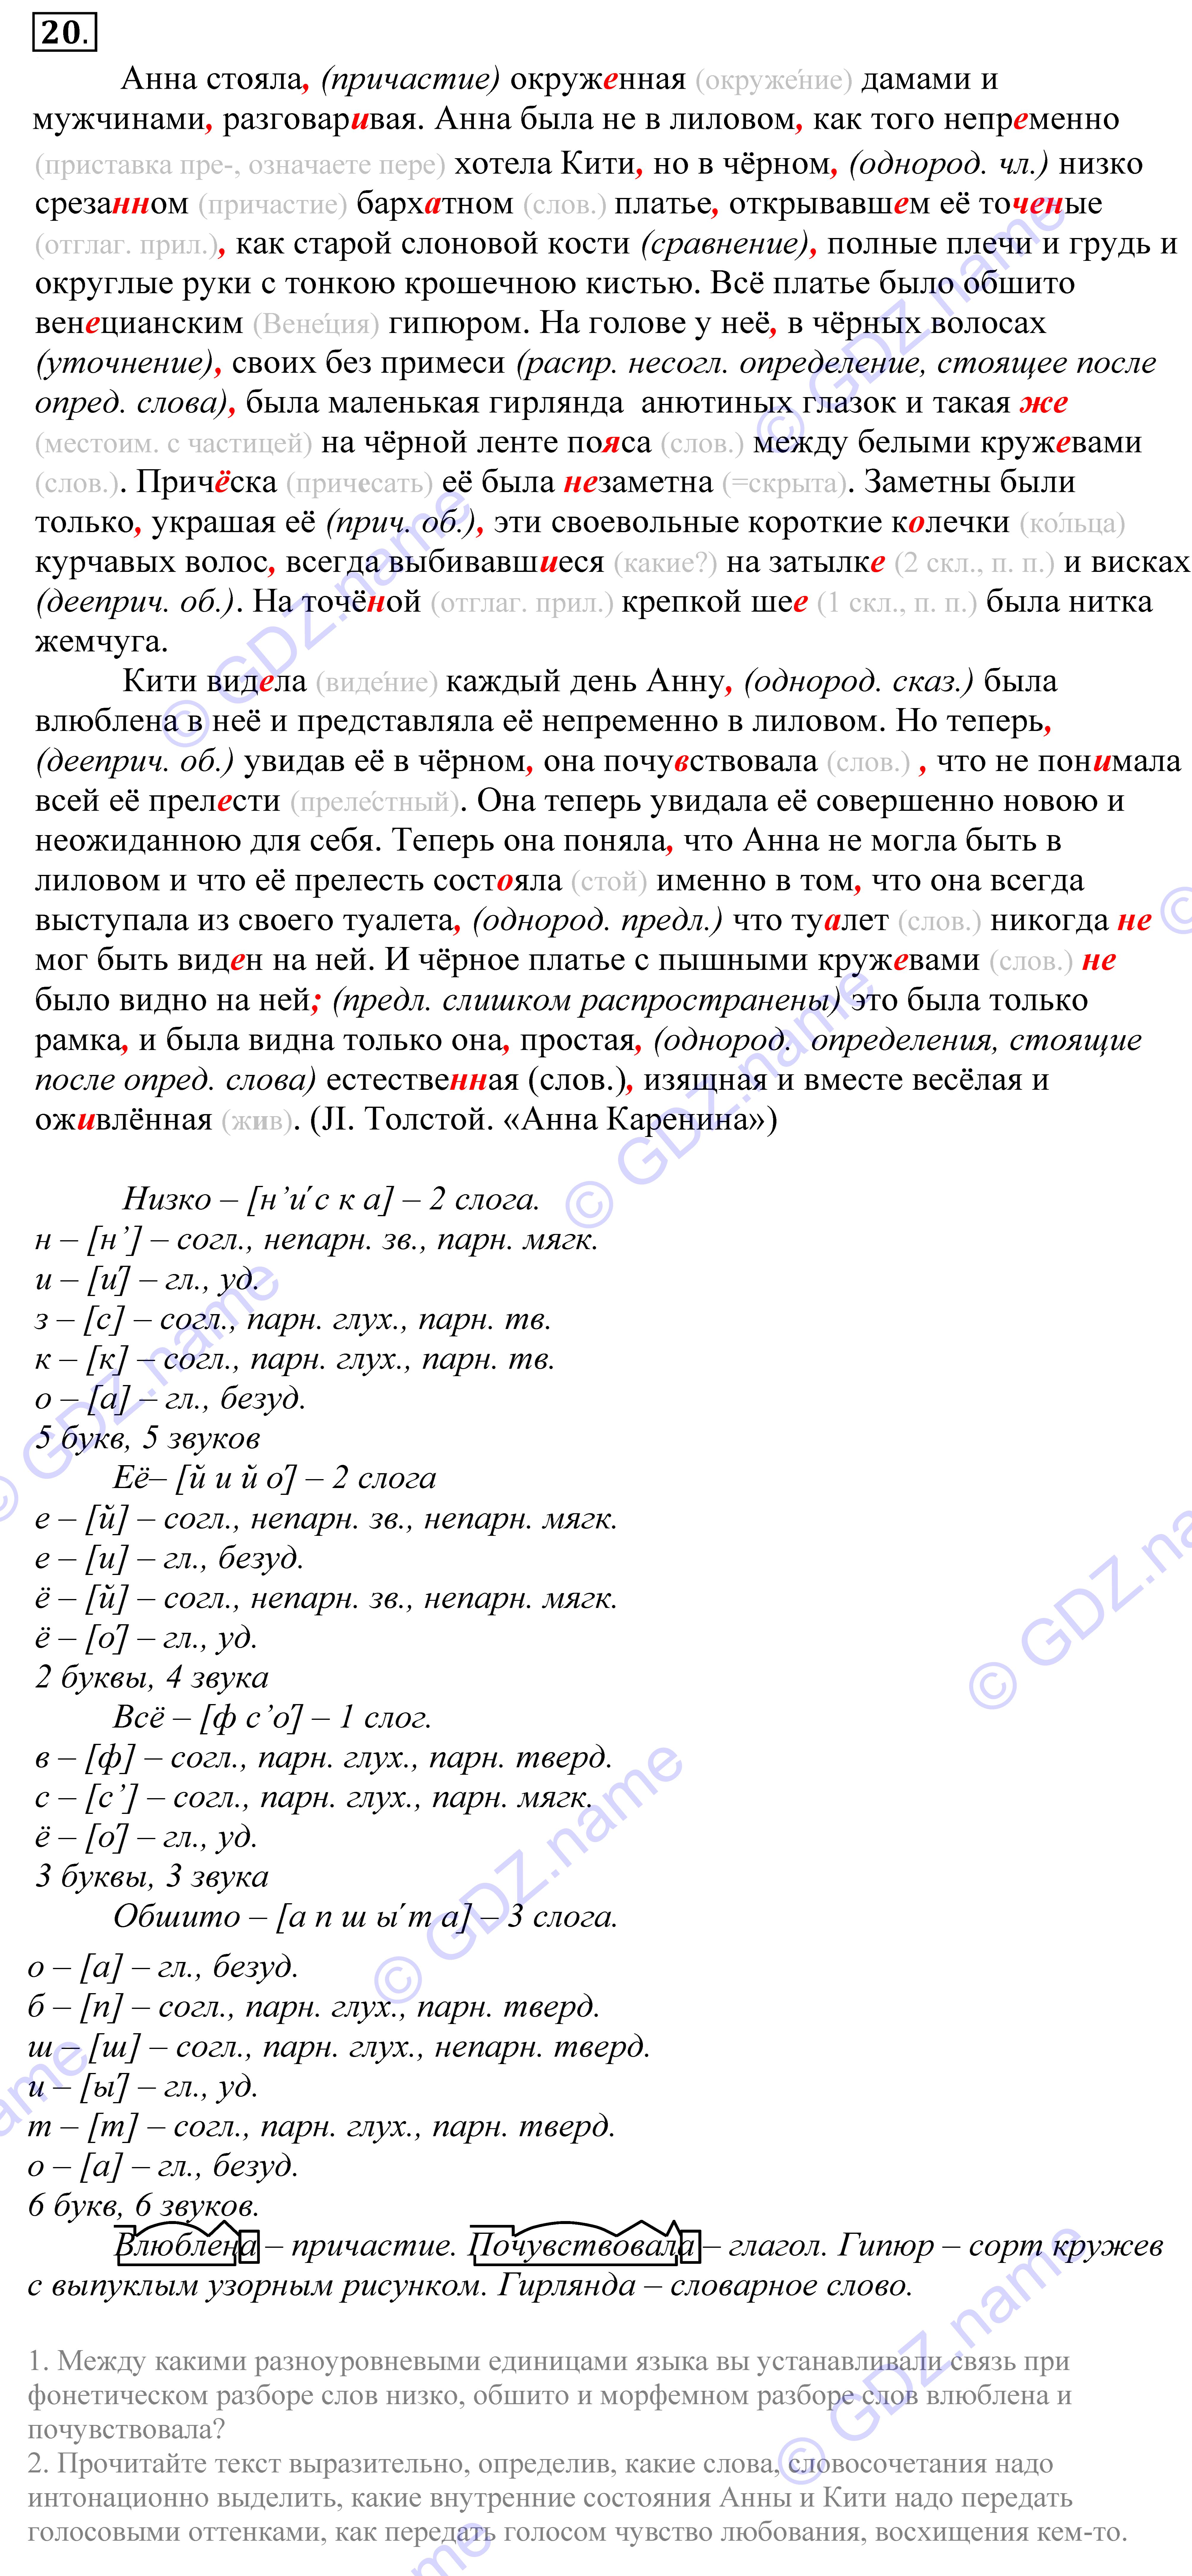 гдз по русскому 10 класс 2003